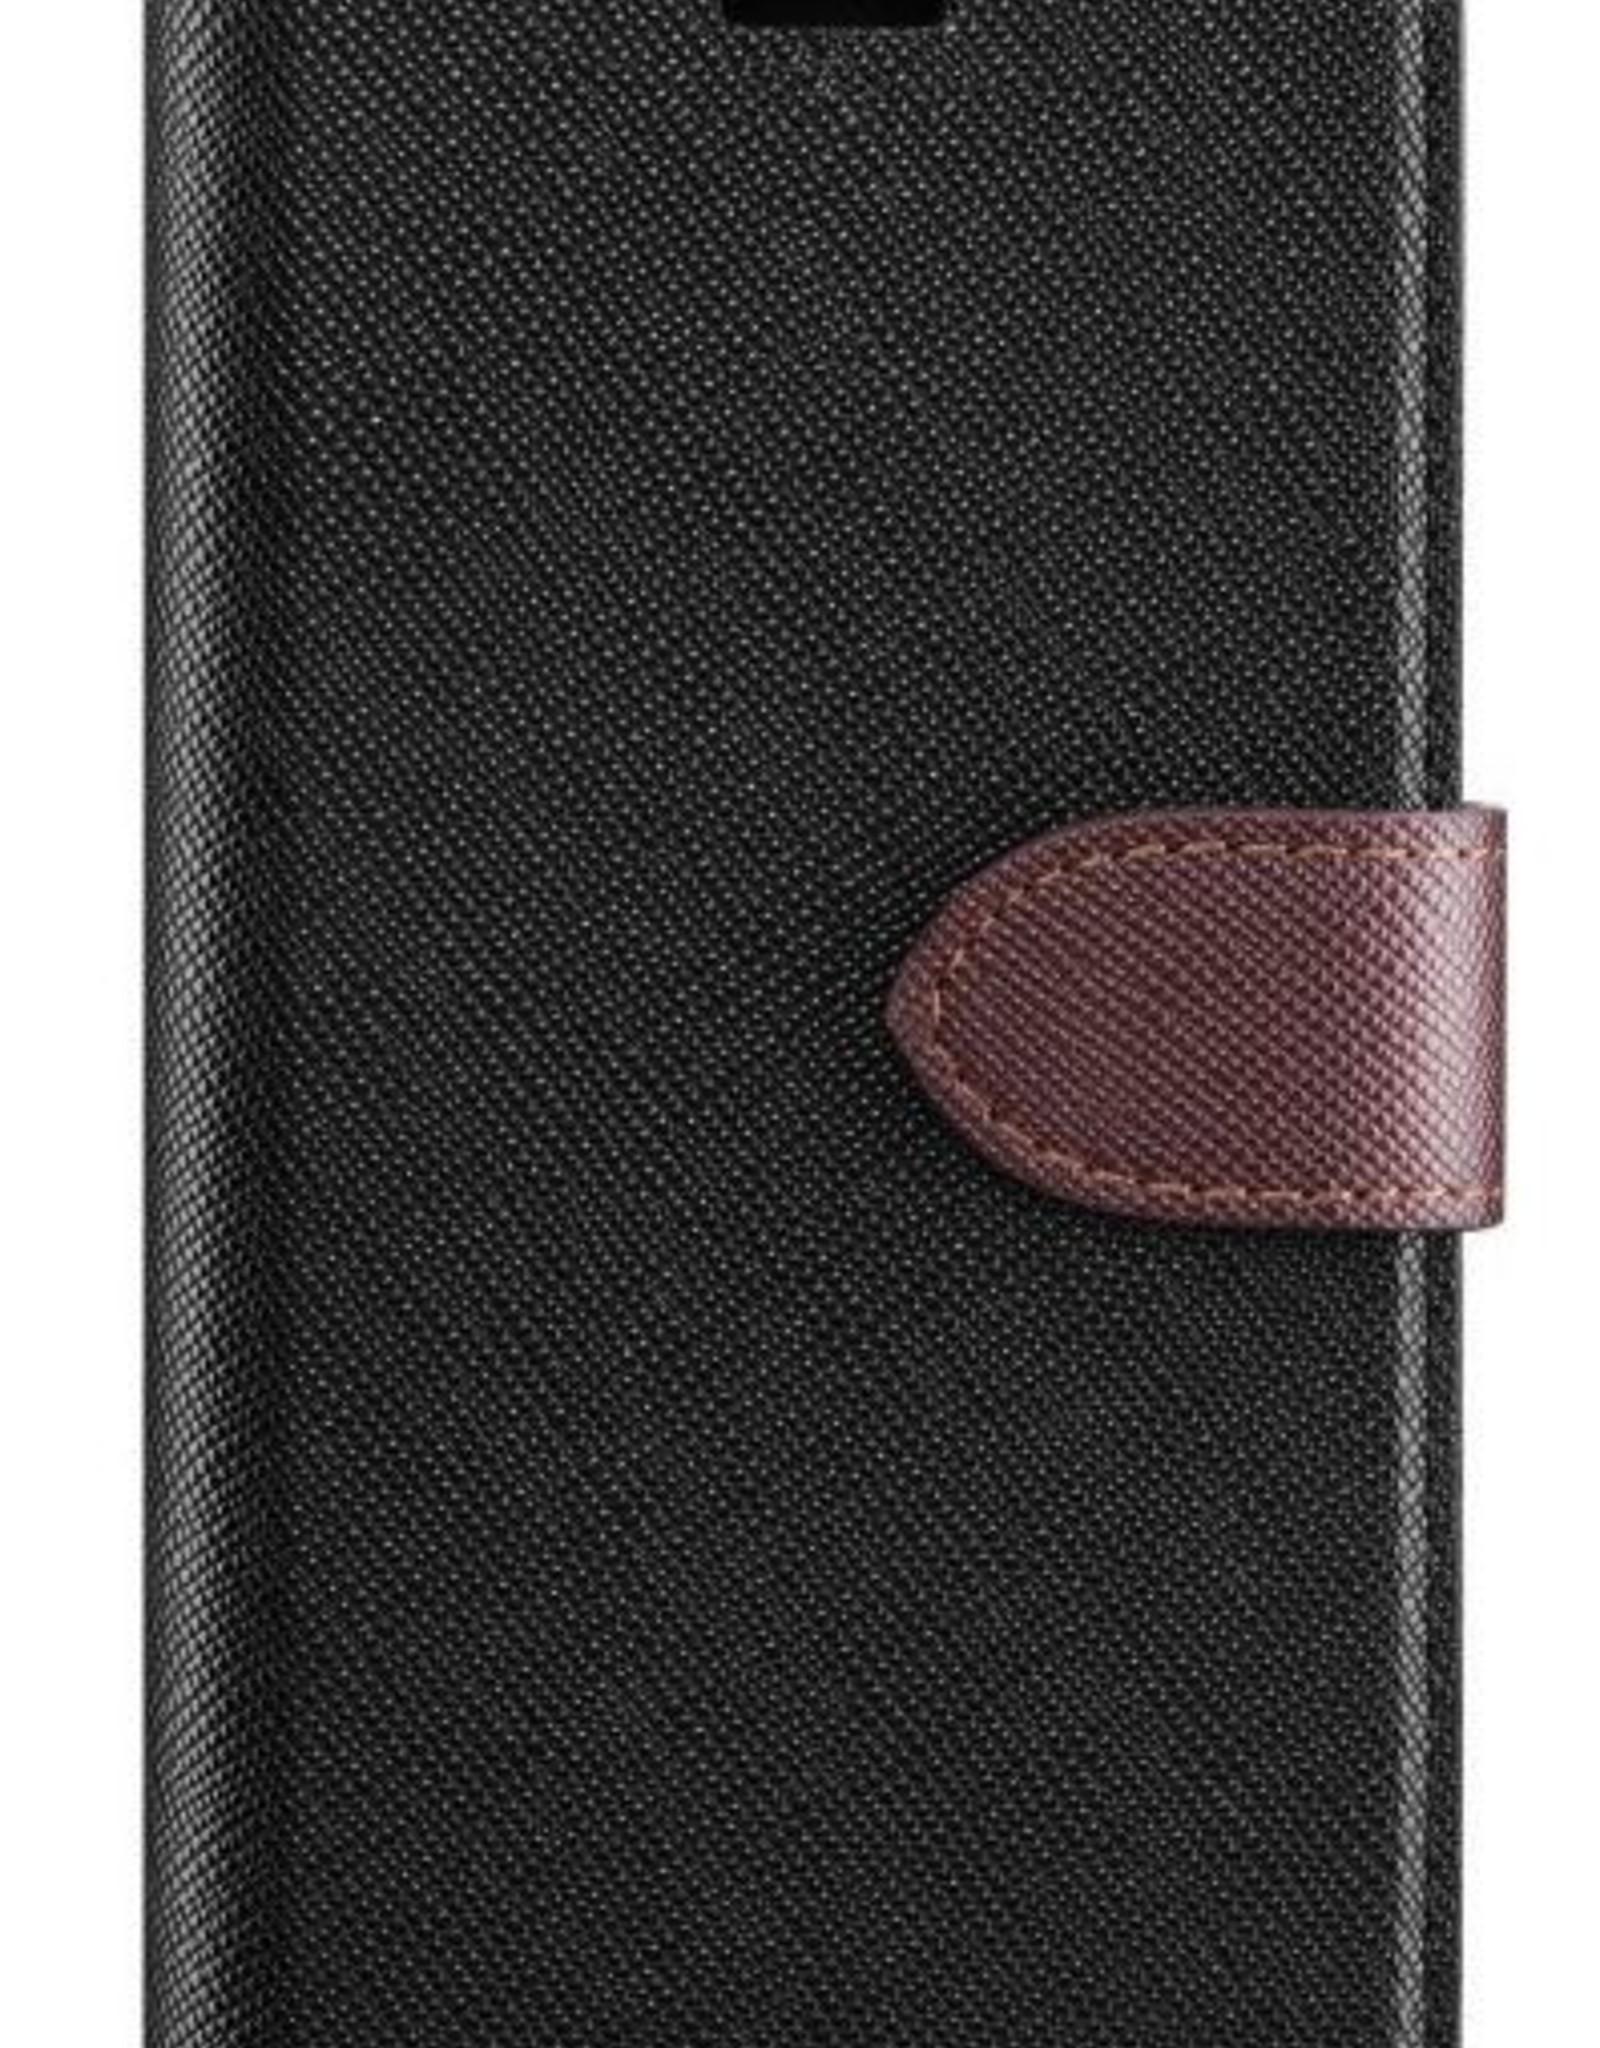 Blu Element /// Blu Element | Samsung Galaxy S8+ | 2 in 1 Folio Black/Brown - 112-9043